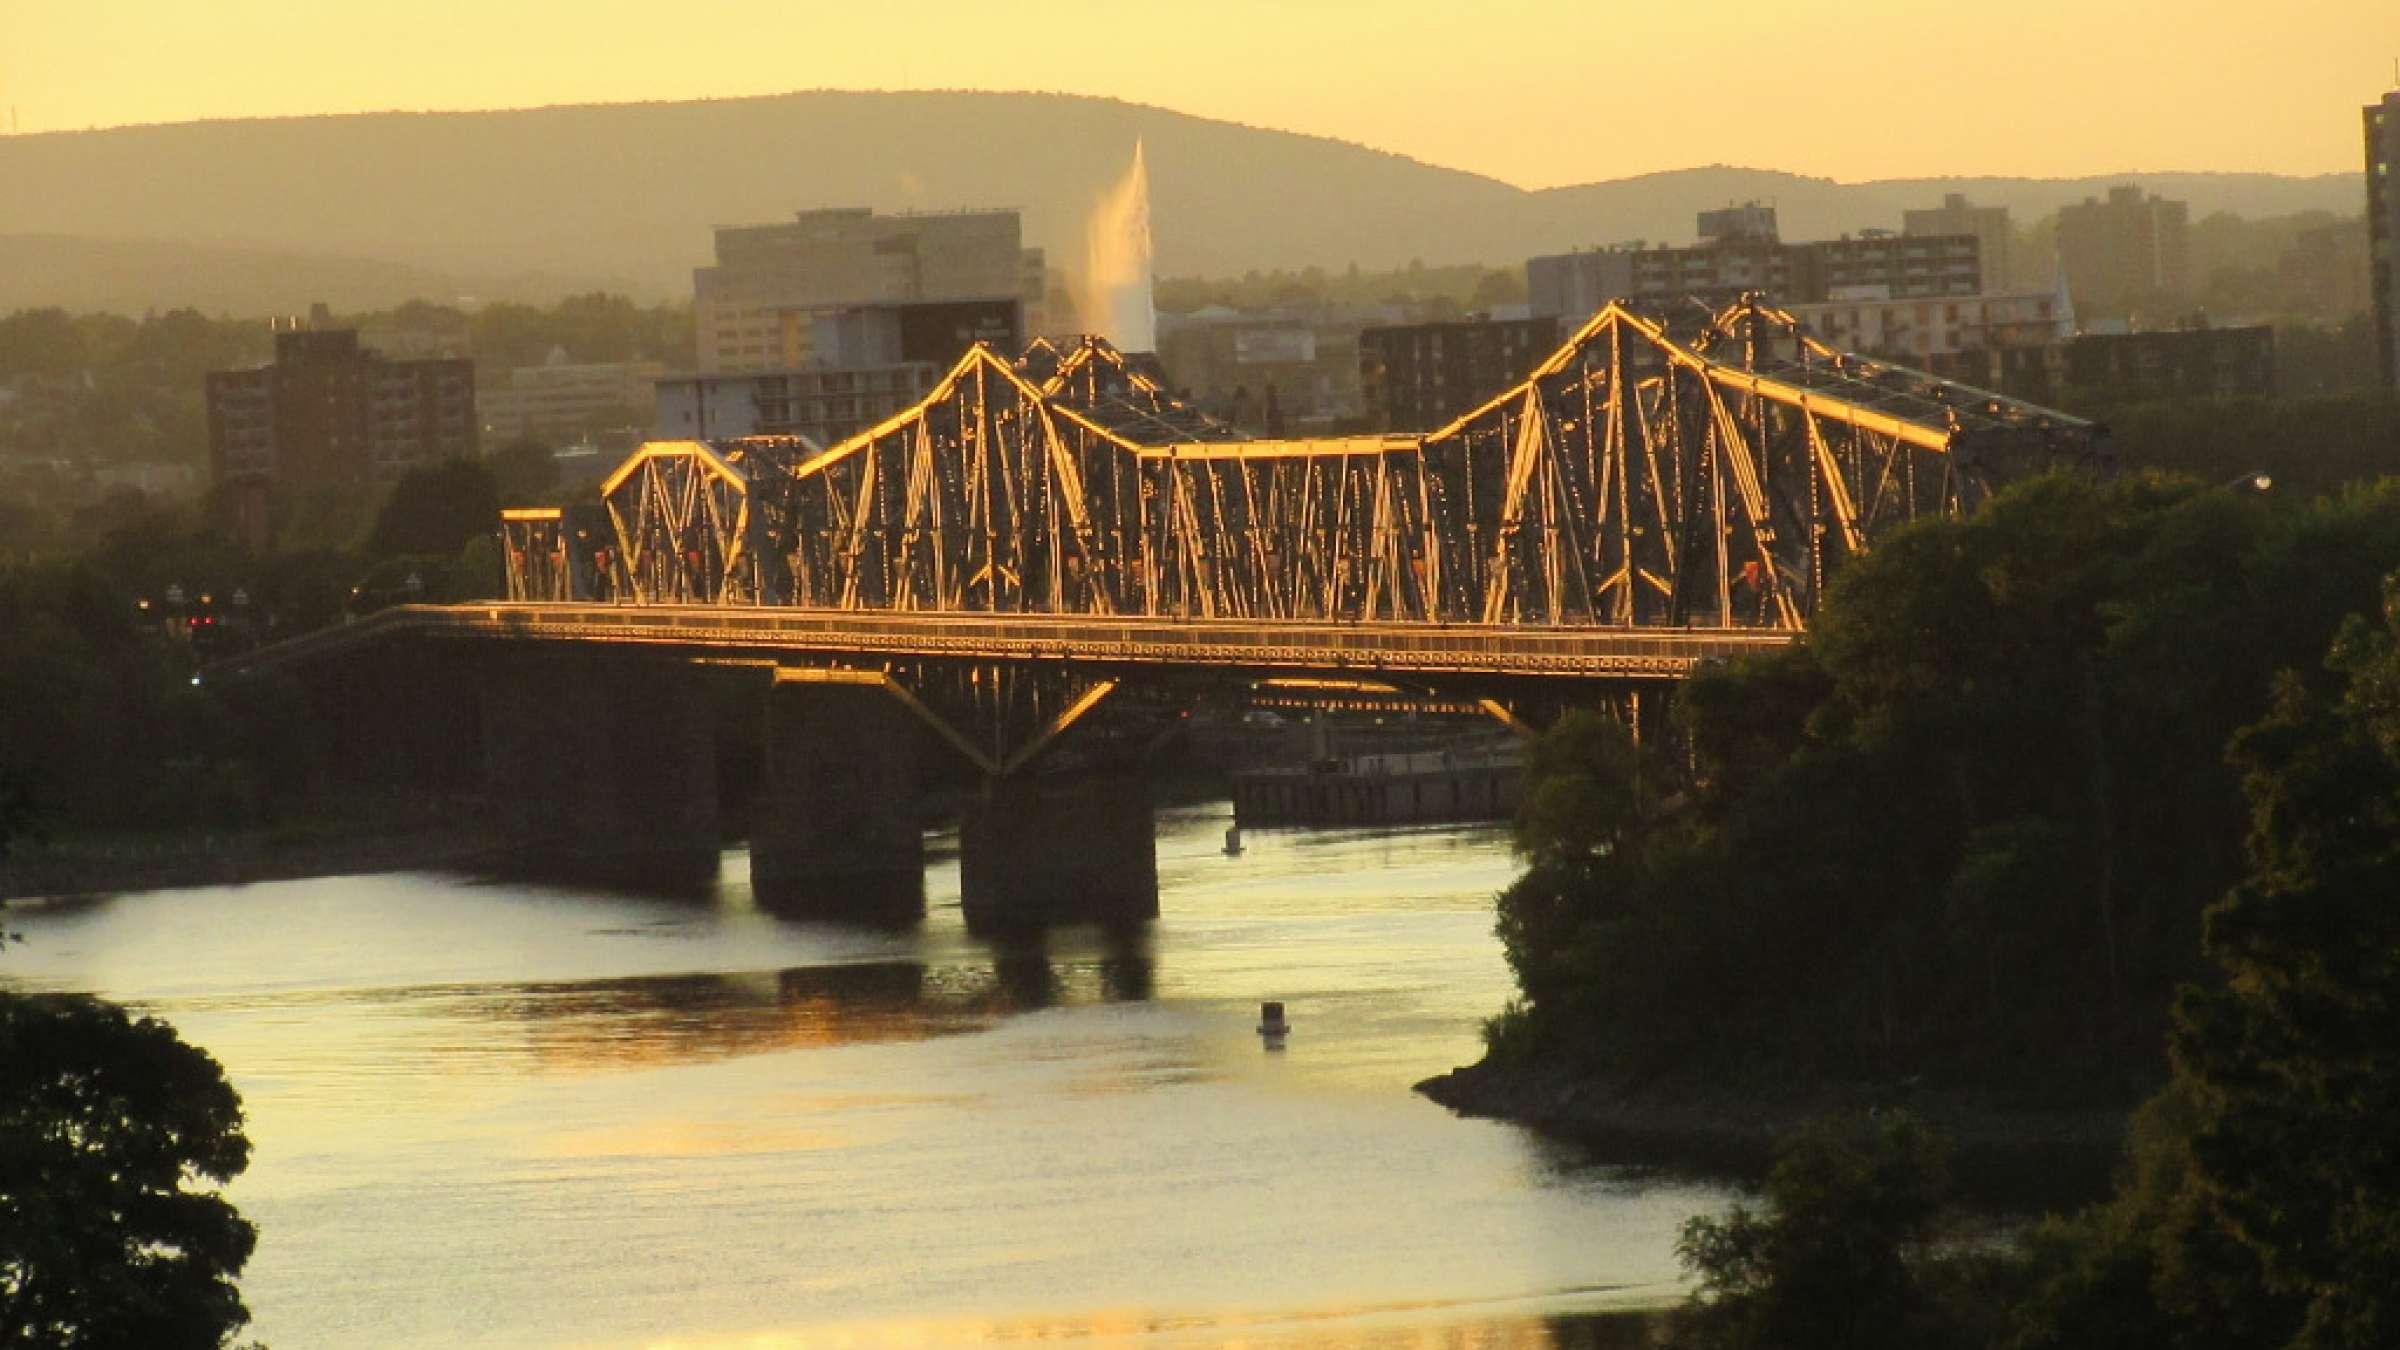 golmohammadi-ottawa-bridge